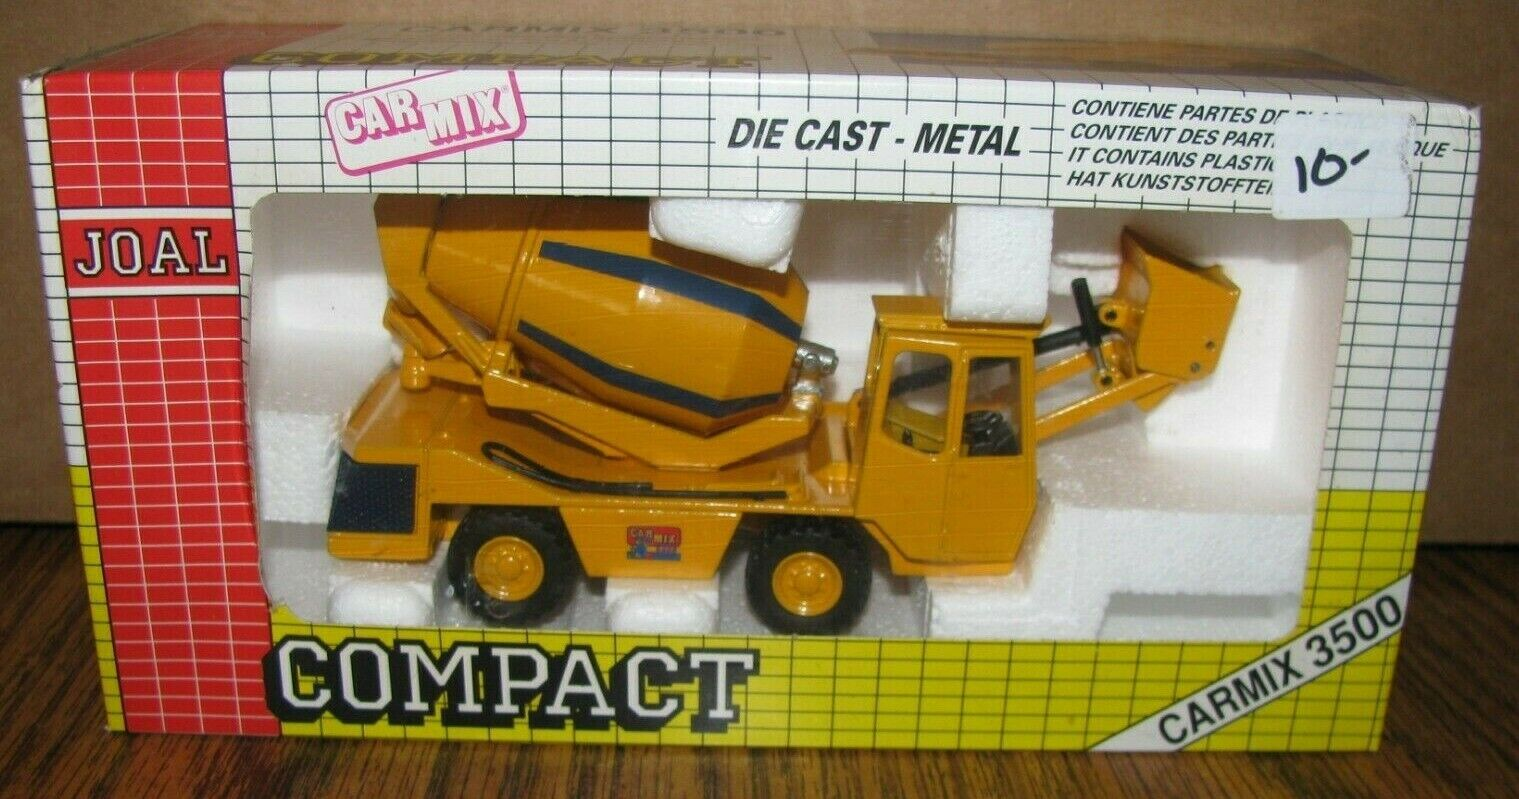 Cochemix 3500 Mezclador de hormigón cemento camión 1 50 Joal Juguete 171 Die Cast Metal Vintage